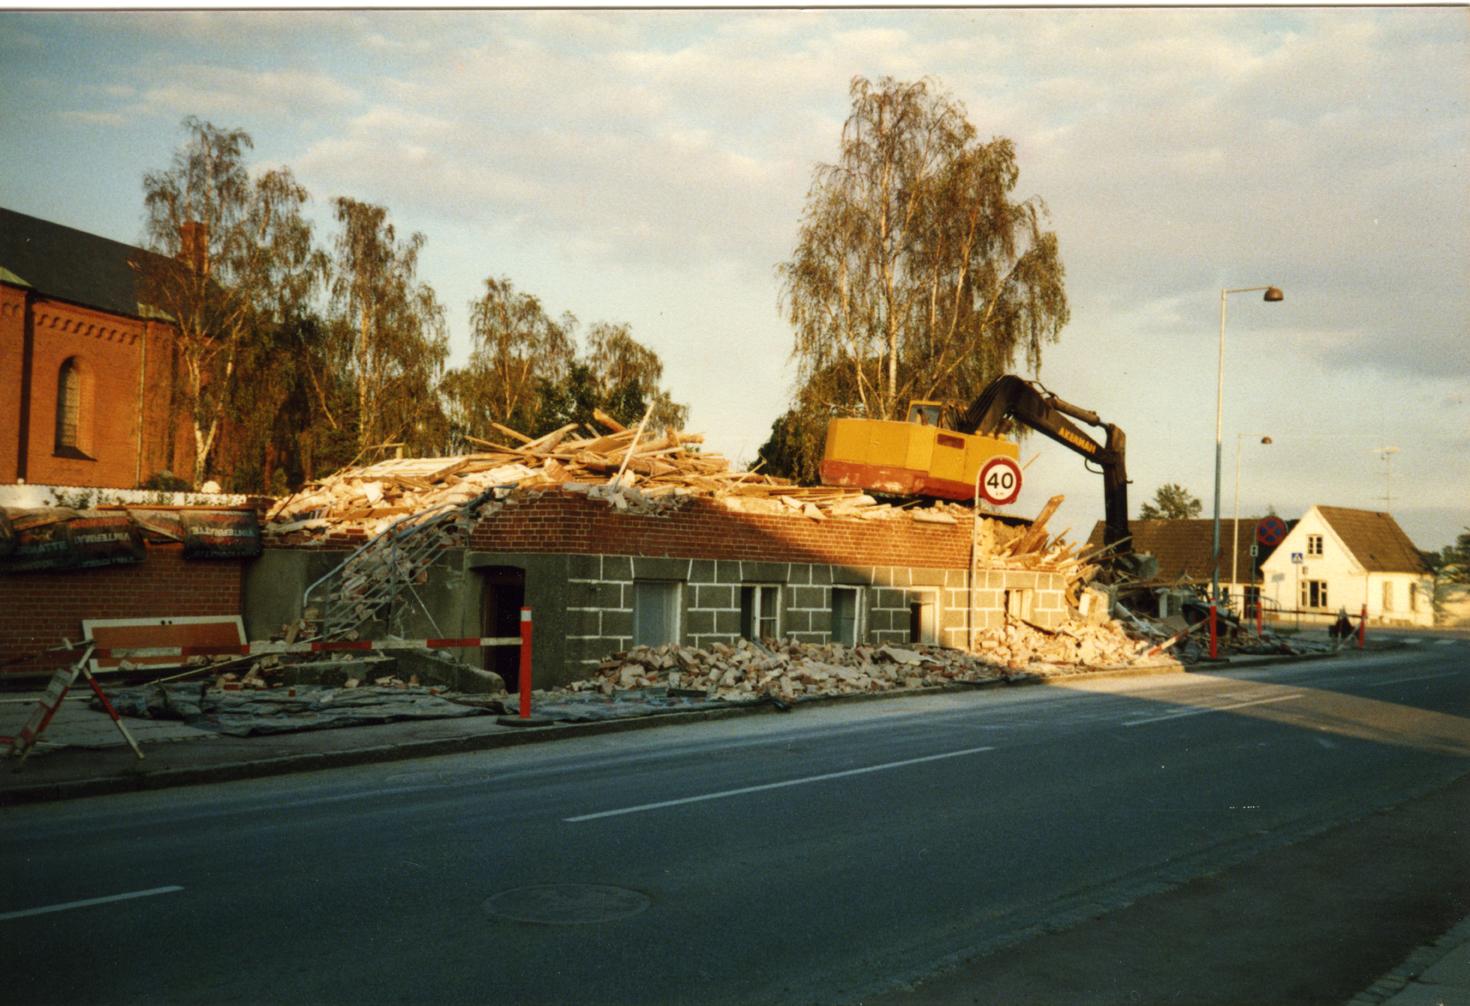 Billede 2 Nedbrydning af ejendom på Østrupvej, som lå i kirkegårdsmuren. Ejendommen blev, sammen med to andre huse der lå til venstre for denne ejendom, revet ned for at gøre plads til den nye urnekirkegård.